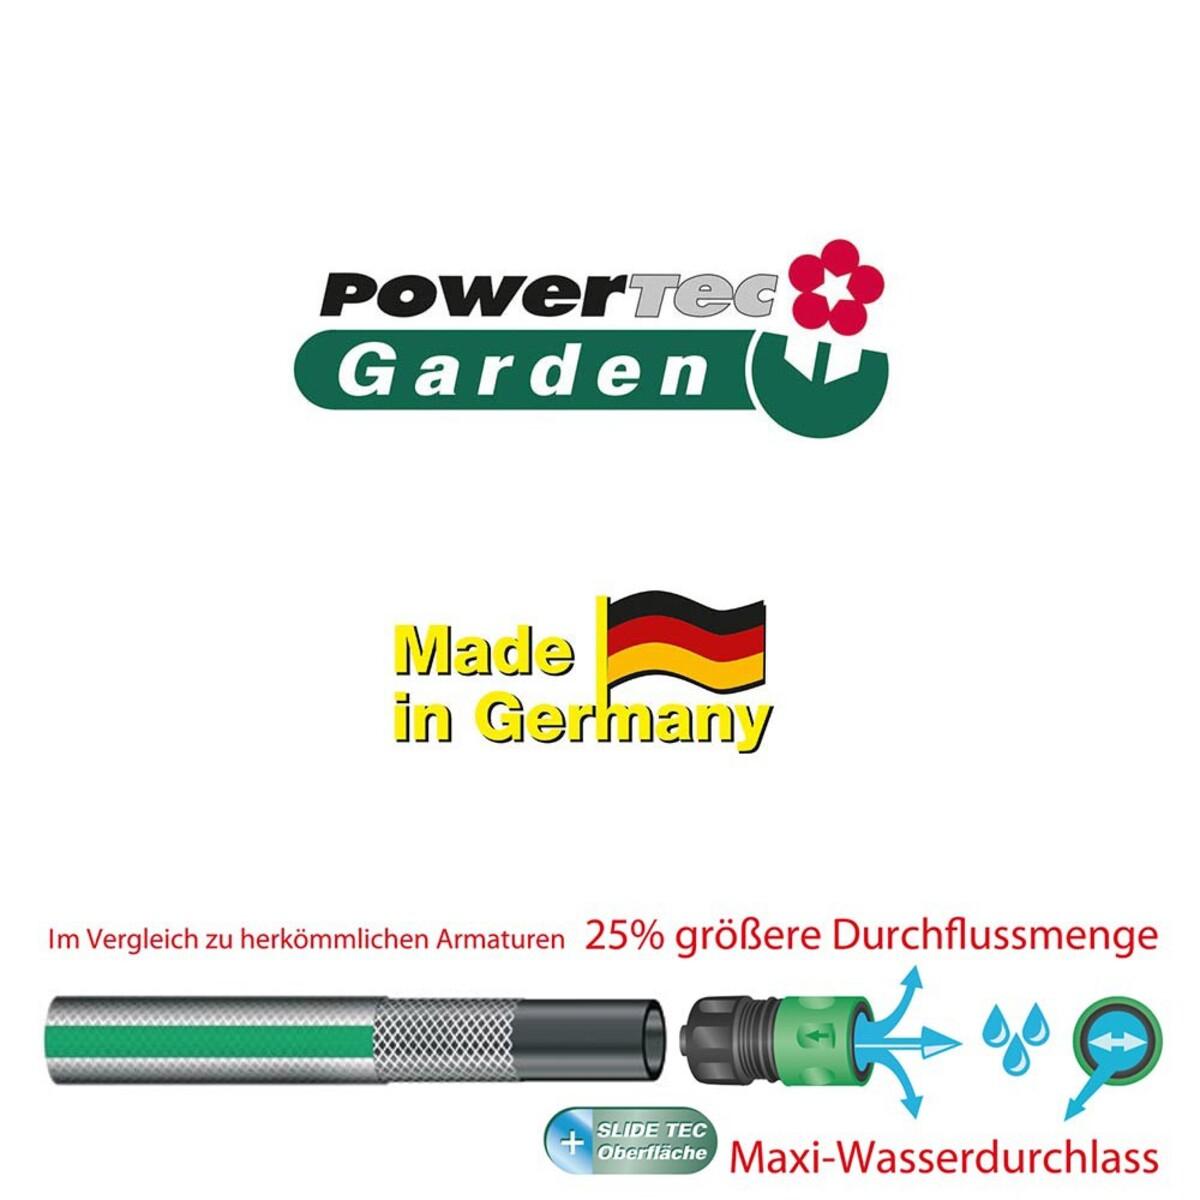 """Bild 2 von Powertec Garden Gartenschlauch """"SlideTec"""", 3/4"""", 15 m, Lemongreen"""